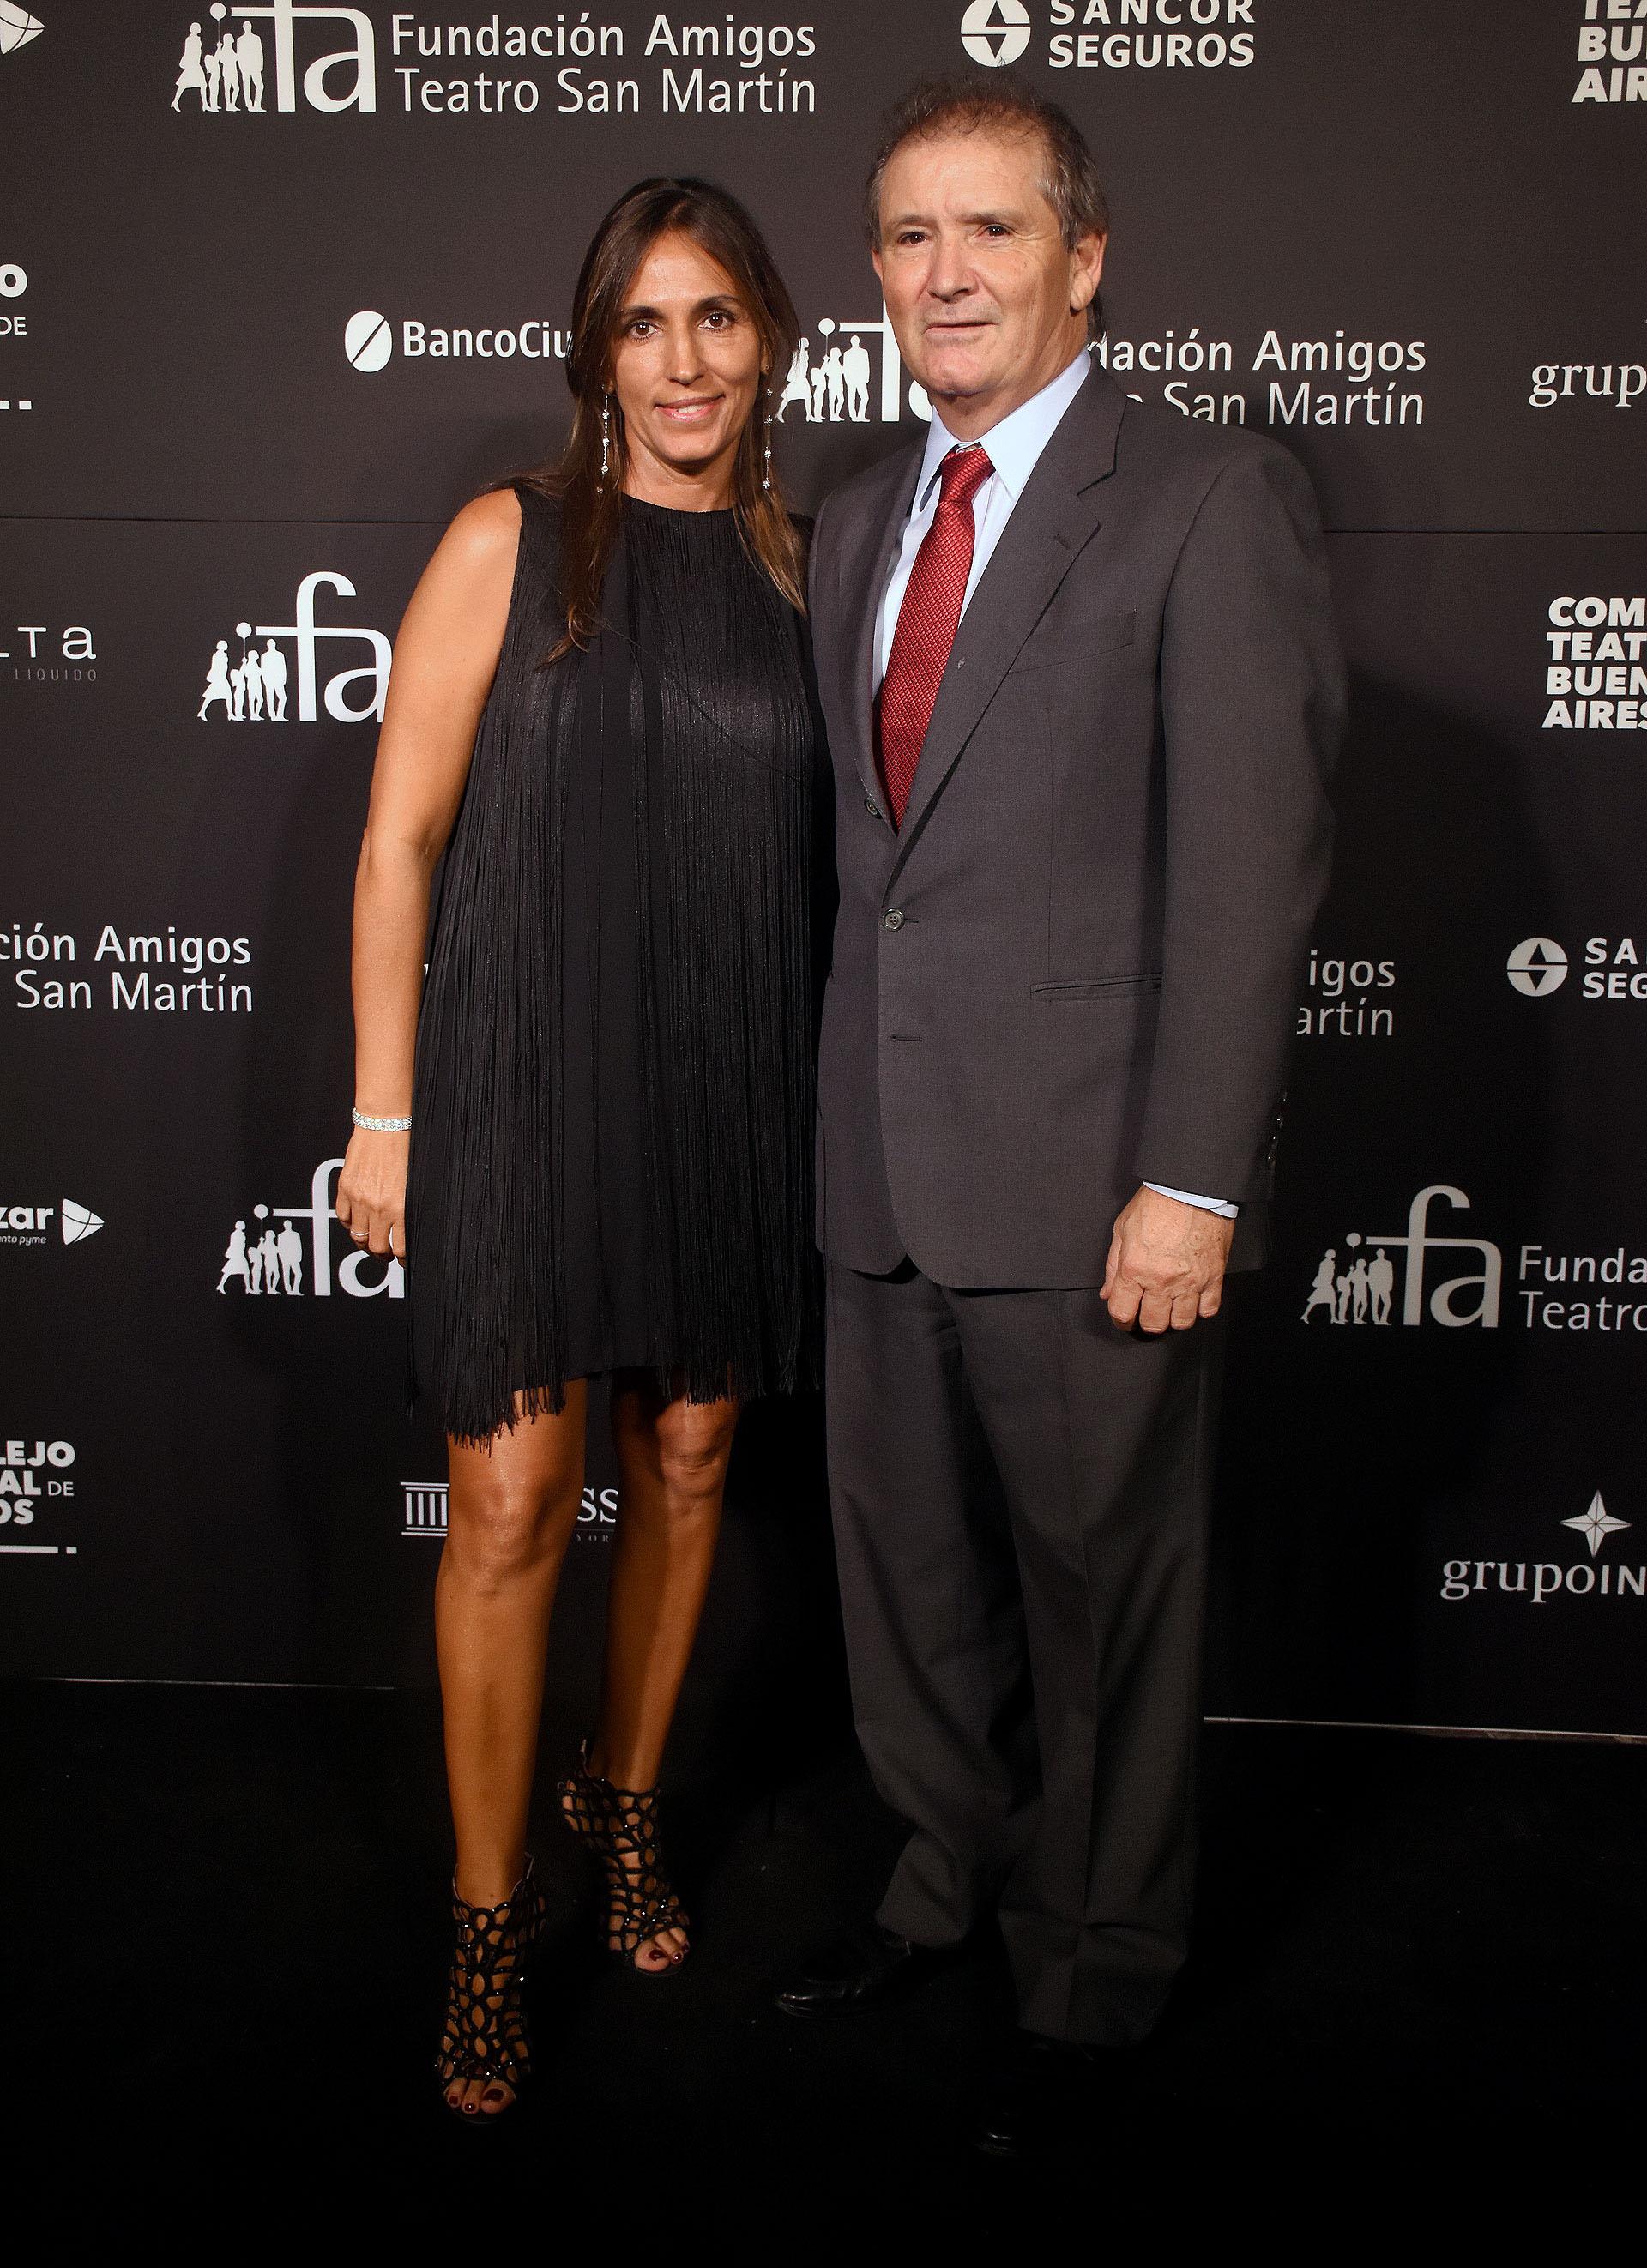 El empresario petrolero José Esteves y su mujer Cecilia Santa Cruz